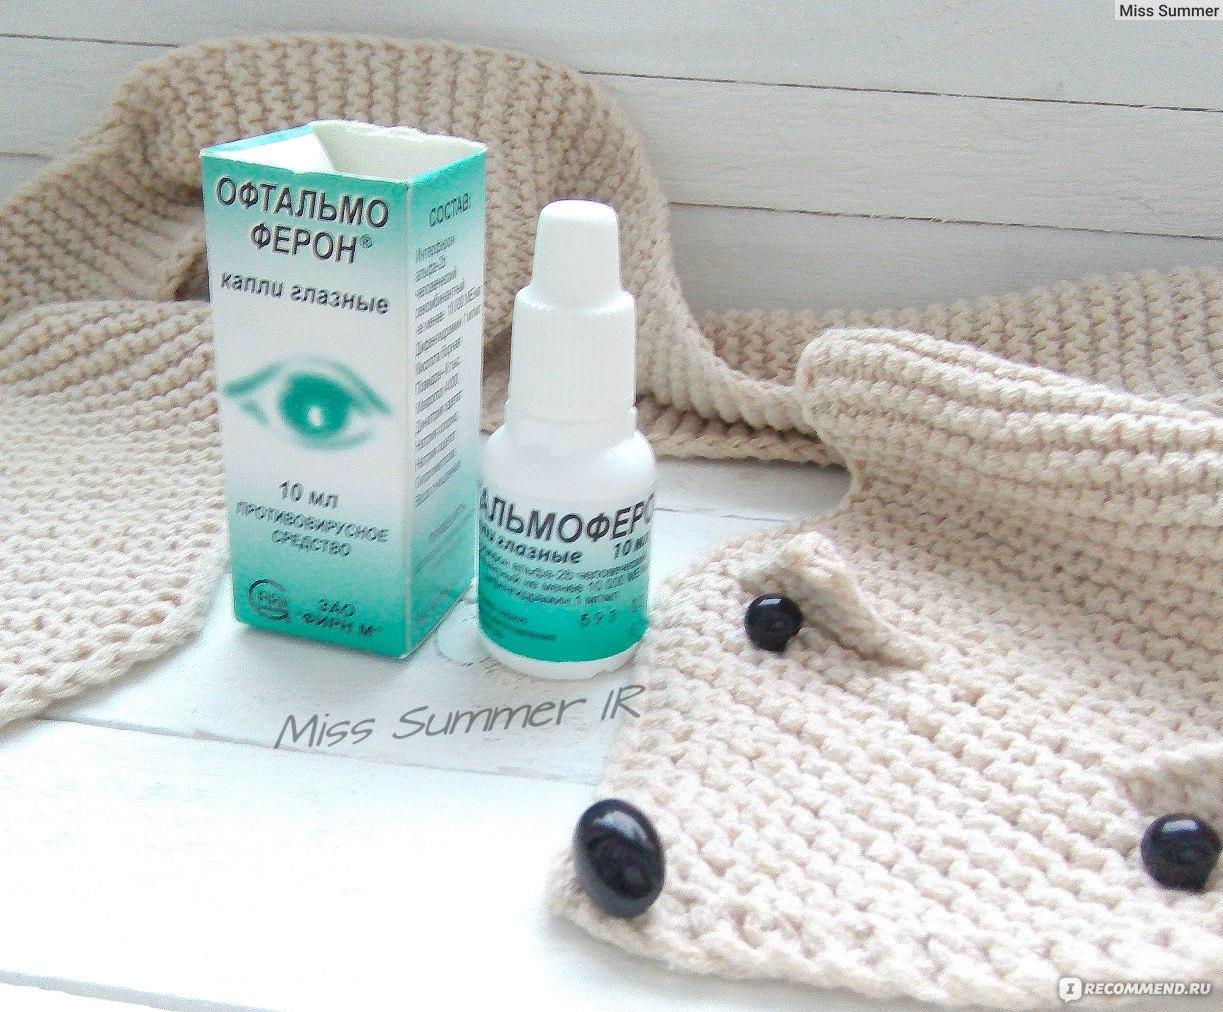 Конъюнктивит у беременных – чем лечить при беременности: глазные капли